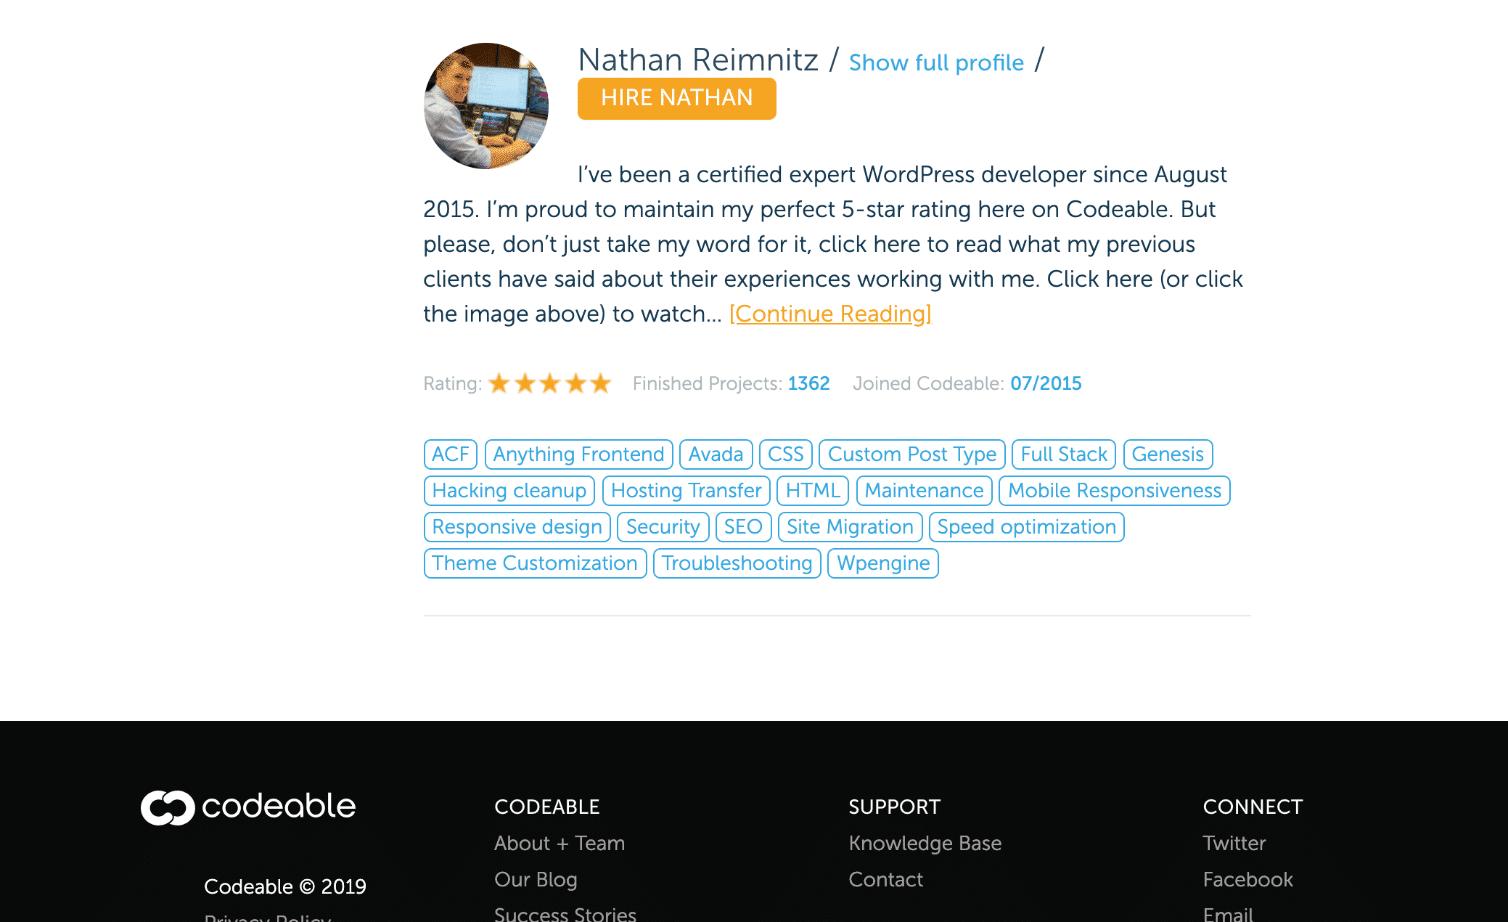 Contrate a un diseñador/desarrollador de WordPress